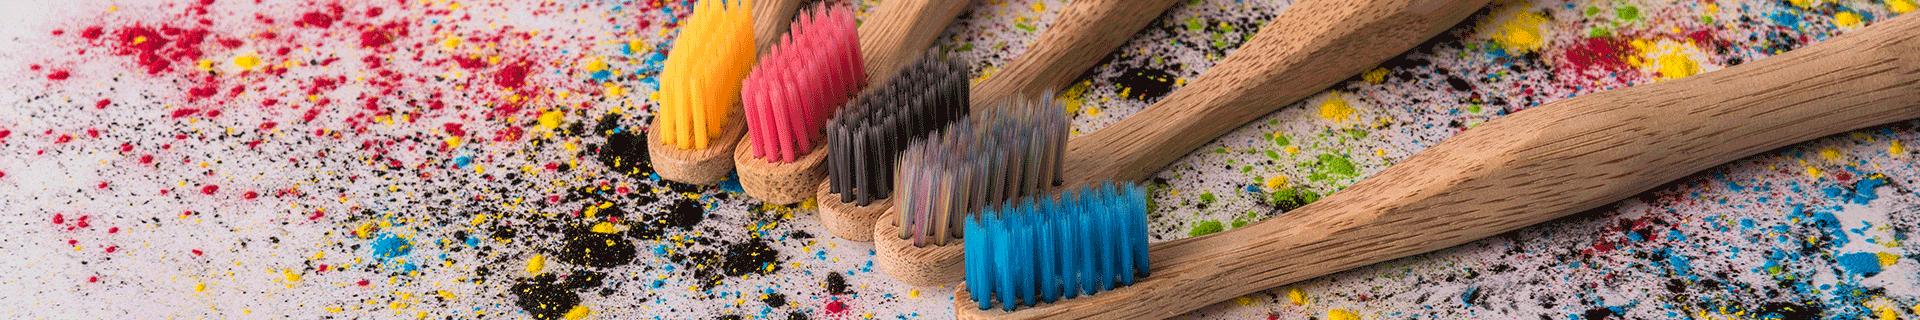 Nordics bamboe tandenborstels plastic vrij